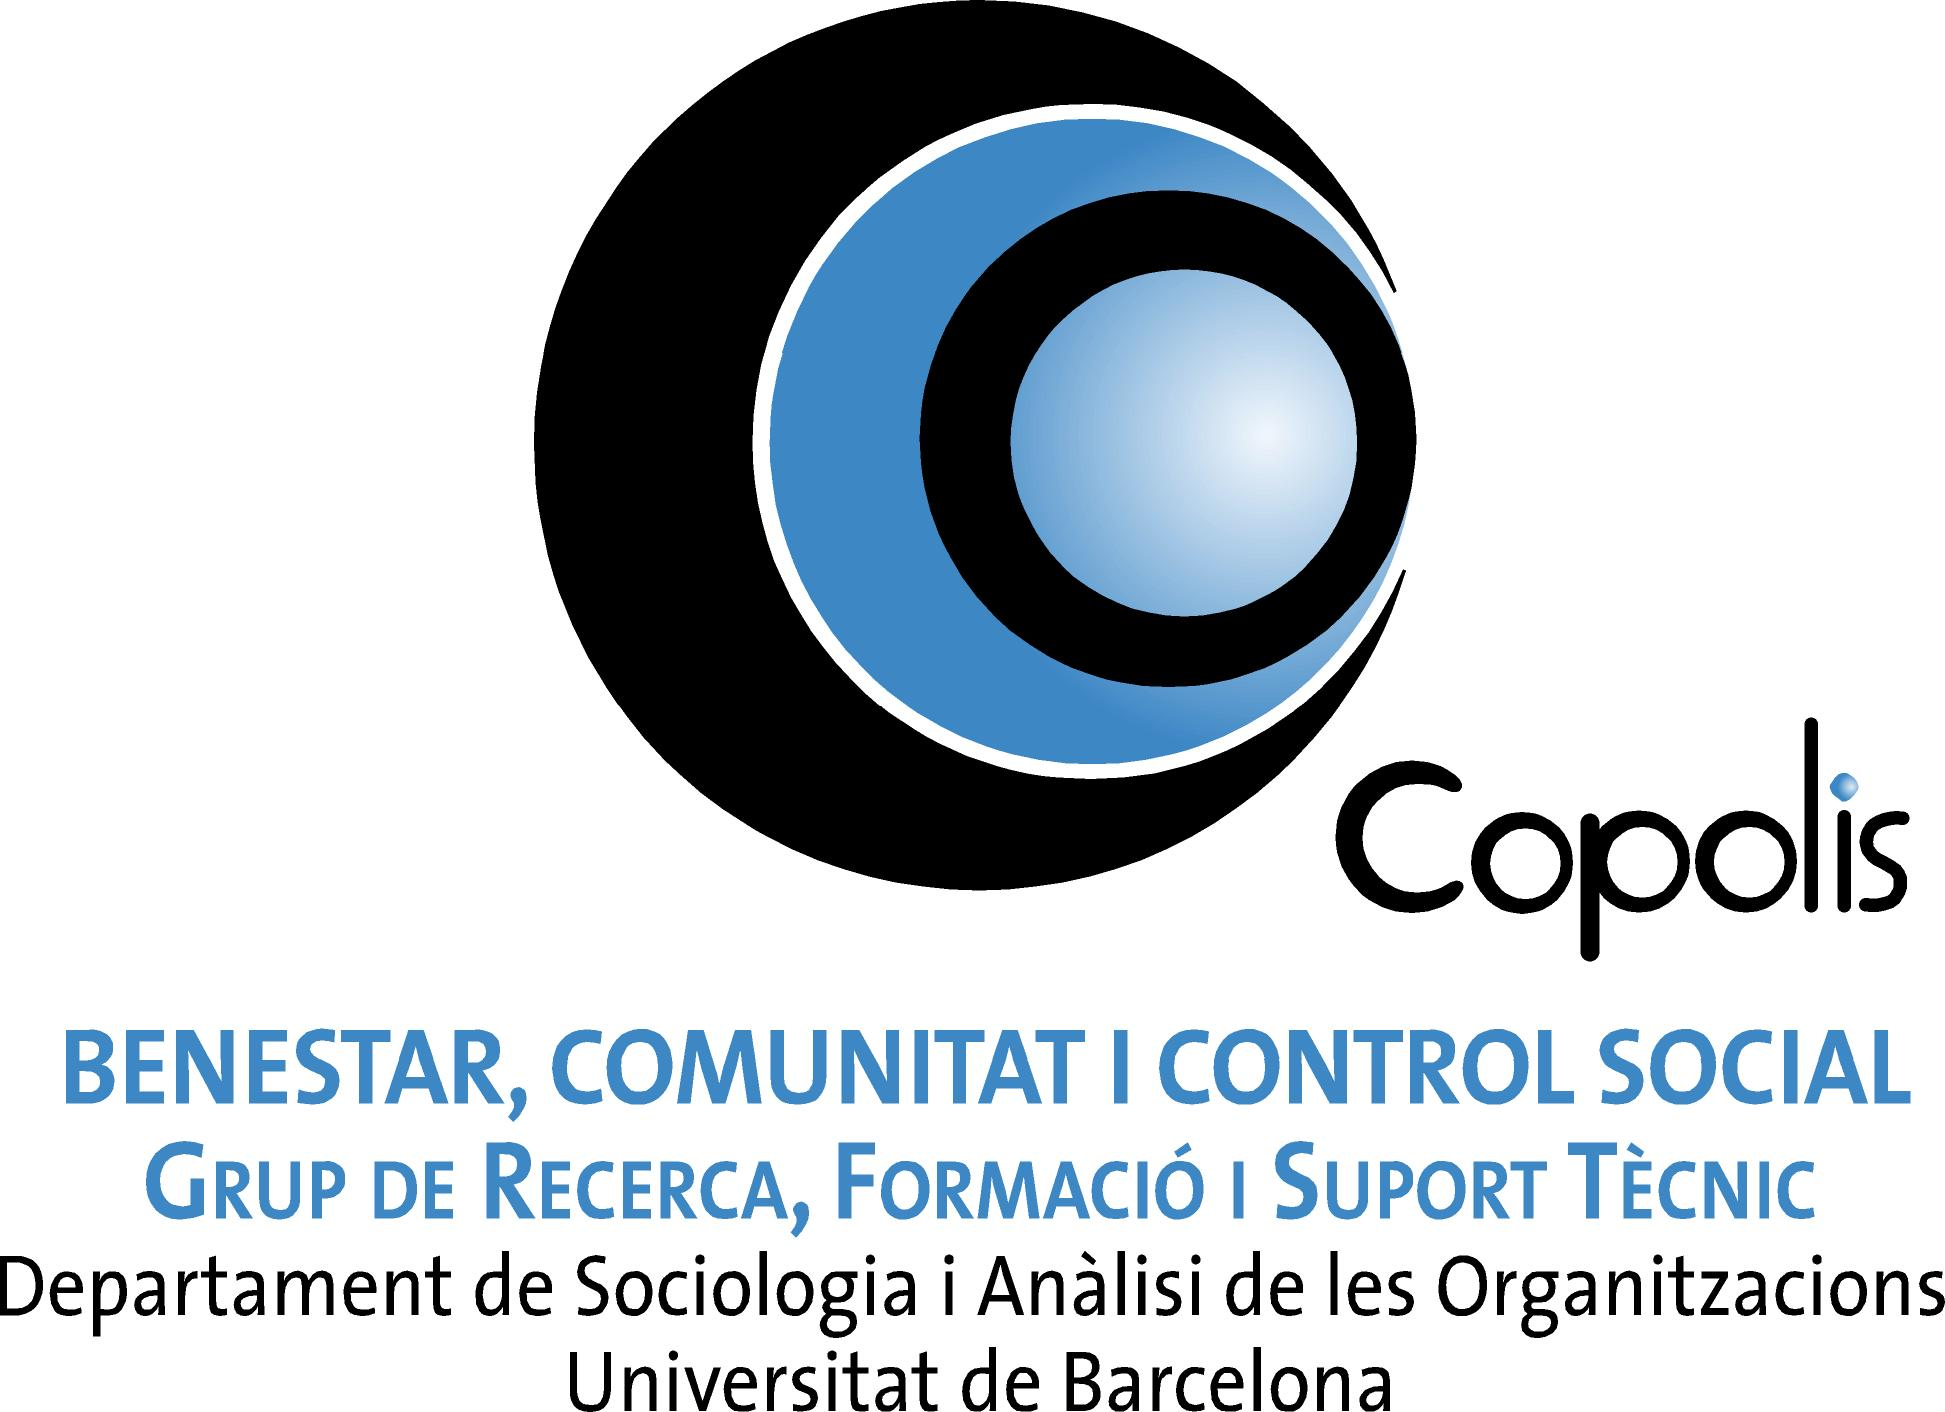 Des de l'UTEP de les Illes Balears s'està investigant sobre els efectes de la crisi en el Treball Social per part dels membres de la UTEP de les Illes Balears